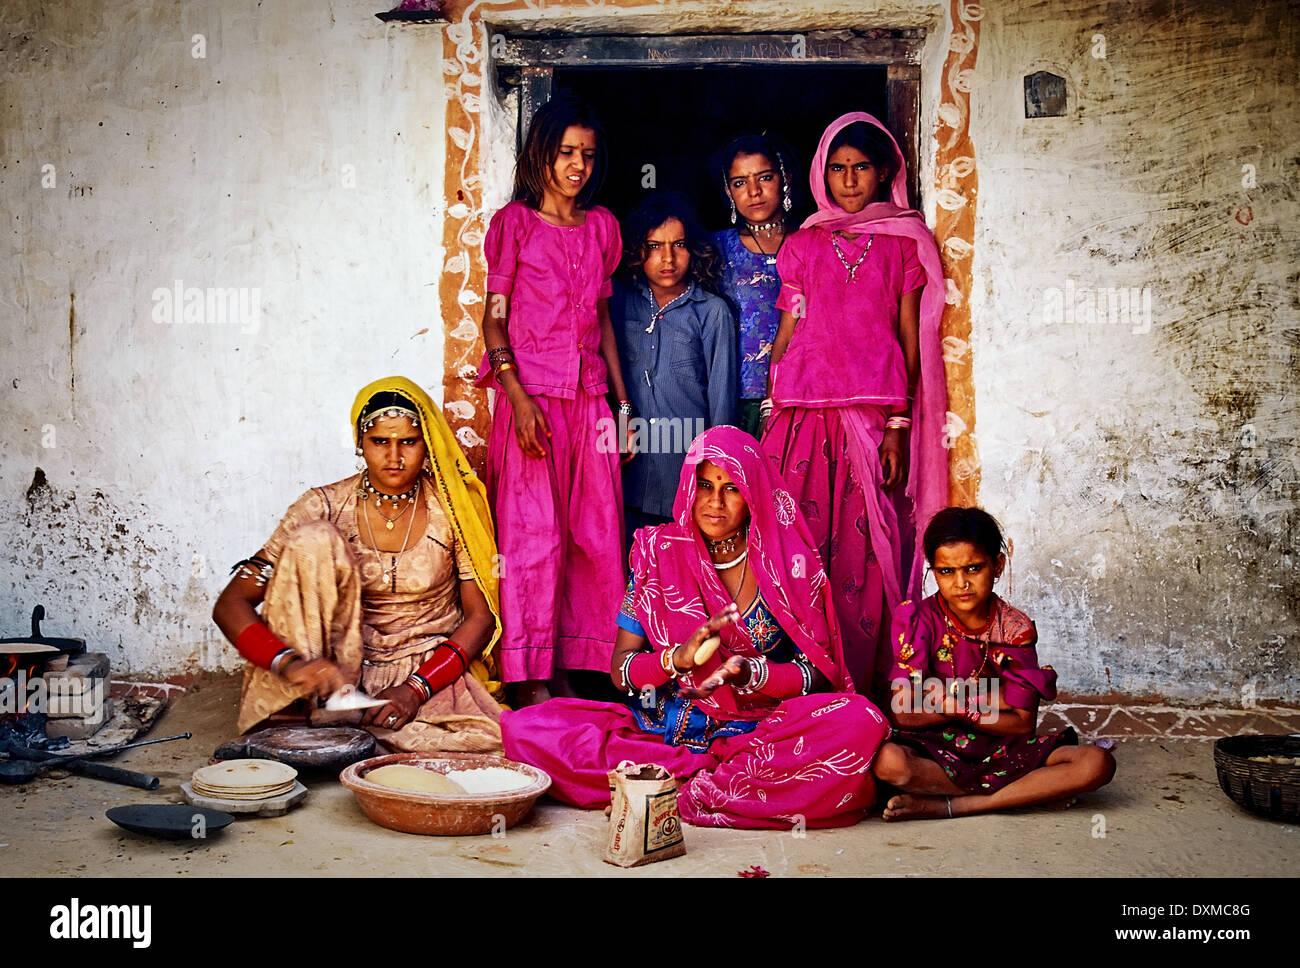 Indian Village familia en una puerta en un pueblo cerca de Jodhpur, India. Imagen manipulada digitalmente. Foto de stock